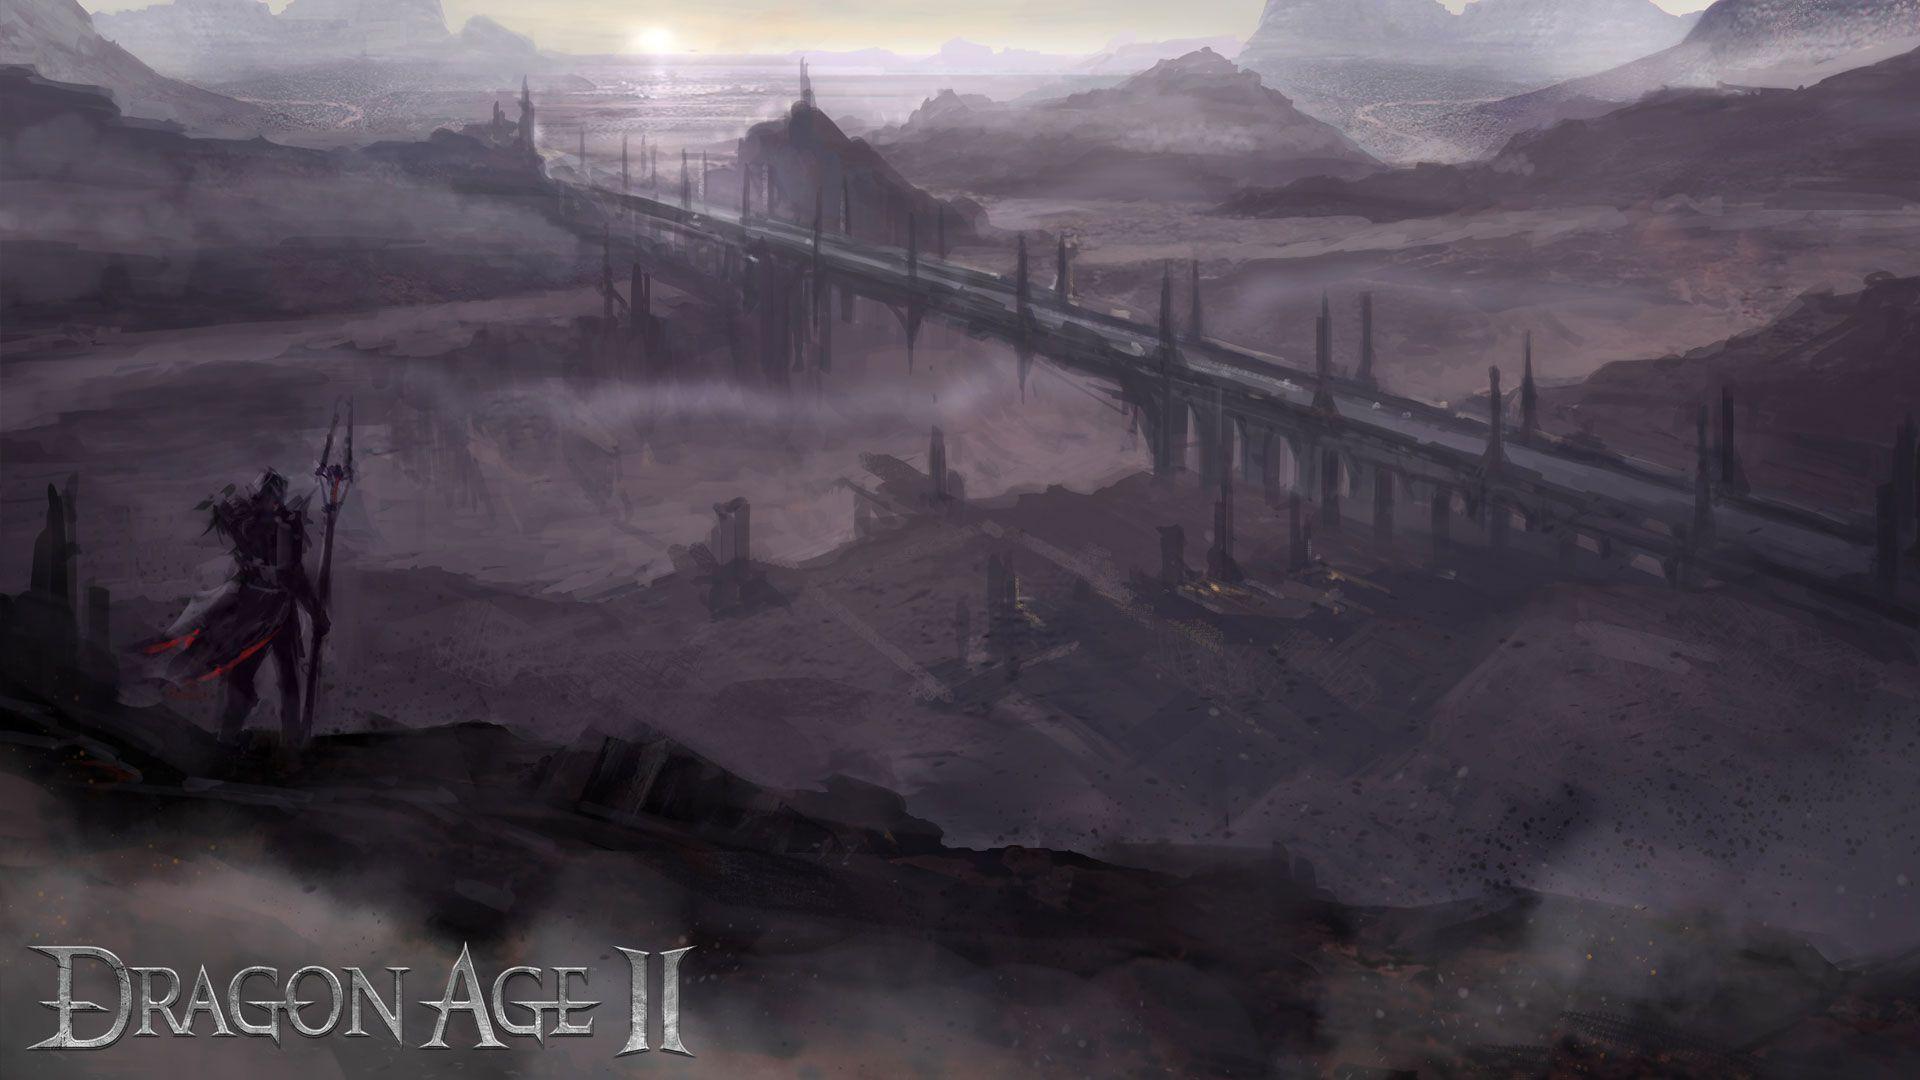 Dragon Age Ii Wallpaper 220 HD Wallpapers | fullhdwalls.